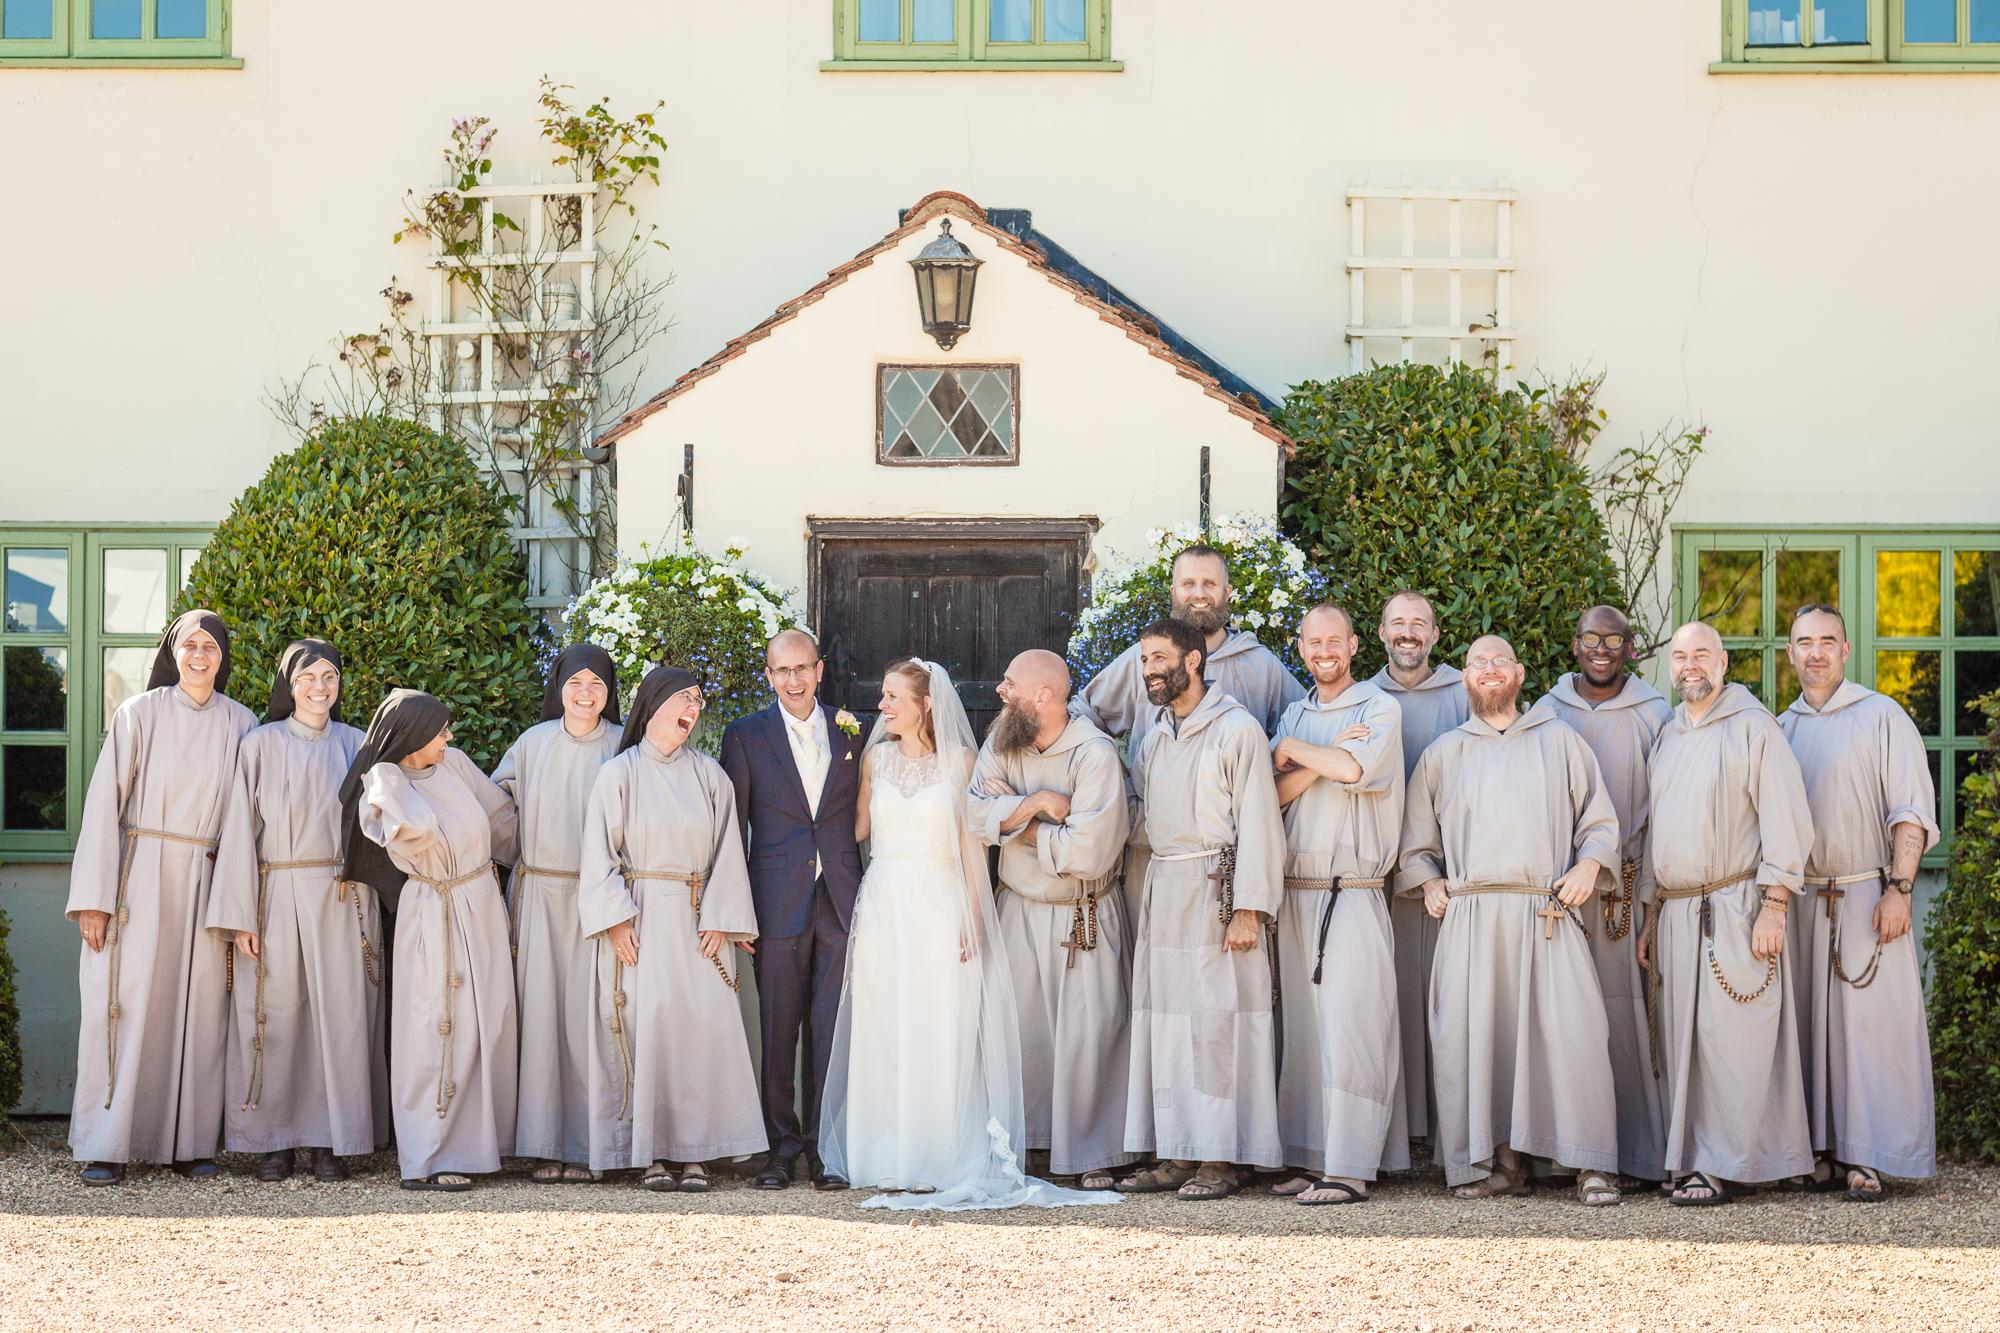 wedding photography groups (32 of 45).jpg